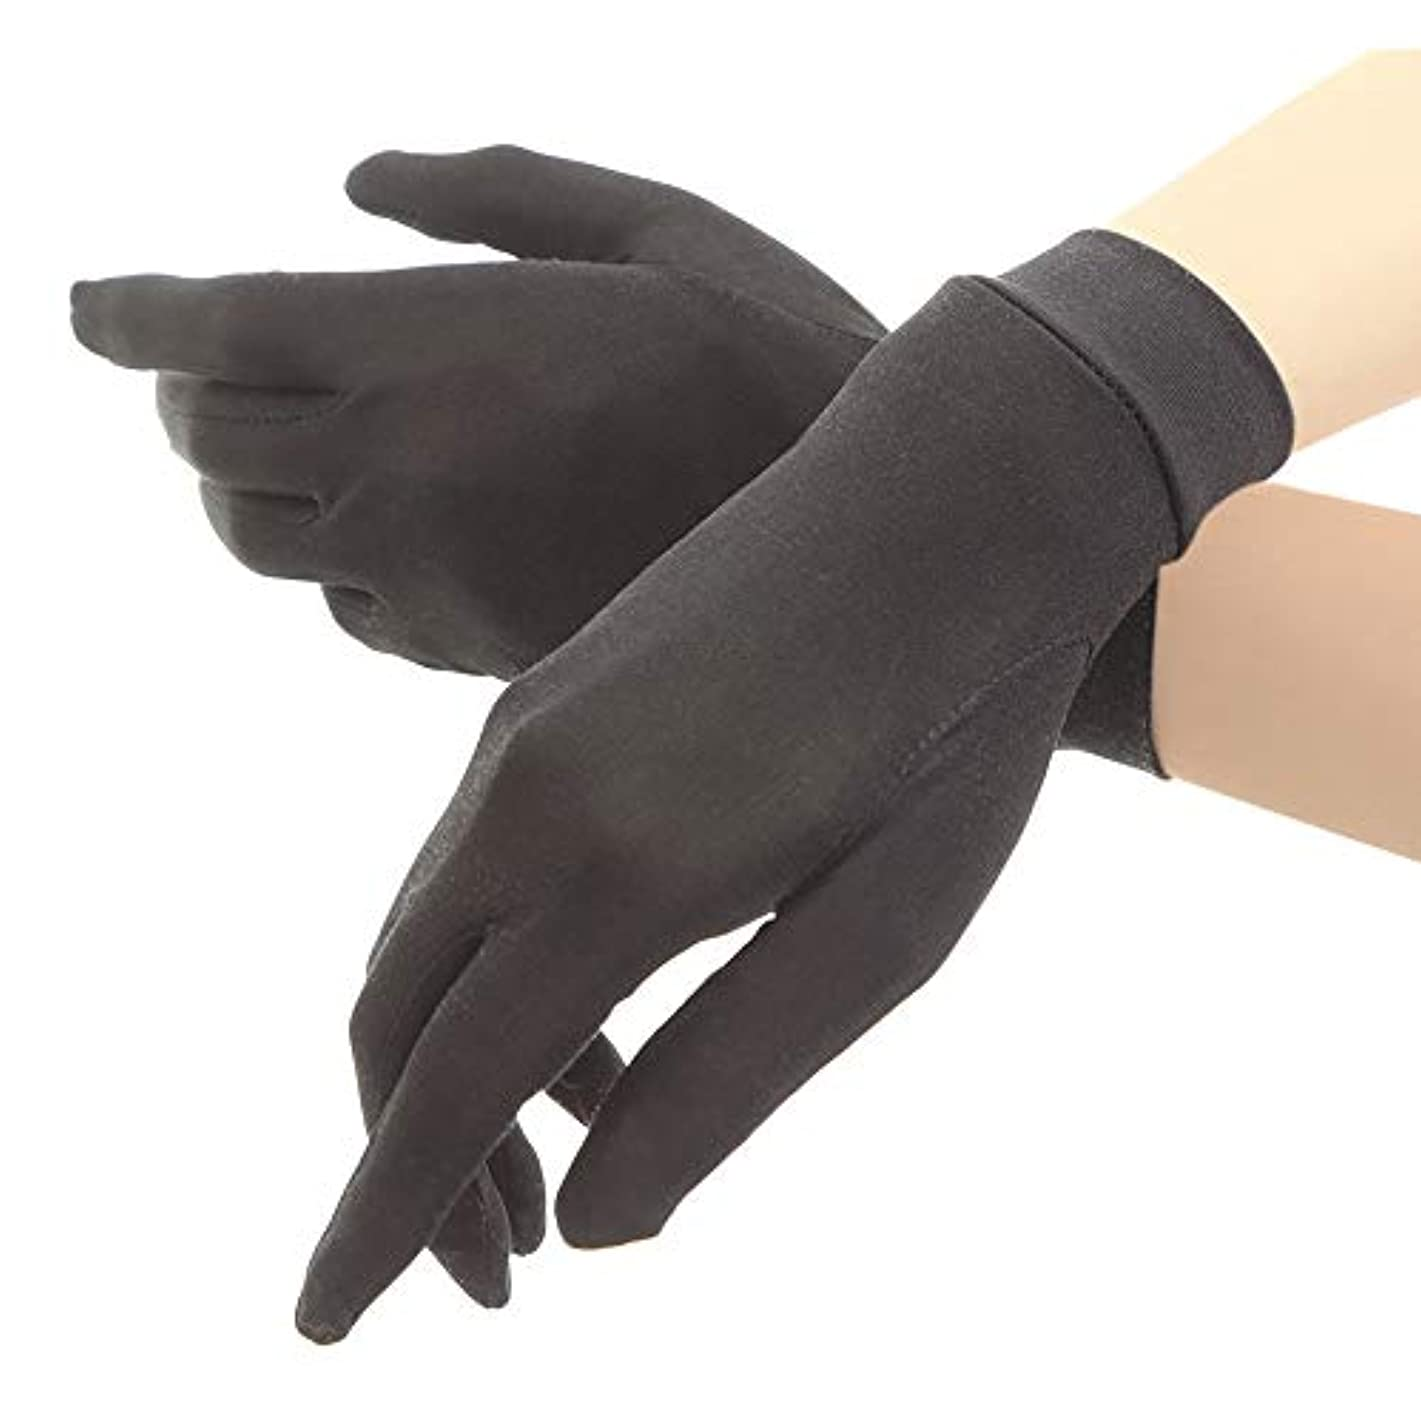 サワー遊具ストラトフォードオンエイボンシルク手袋 レディース 手袋 シルク 絹 ハンド ケア 保湿 紫外線 肌荒れ 乾燥 サイズアップで手指にマッチ 【macch】